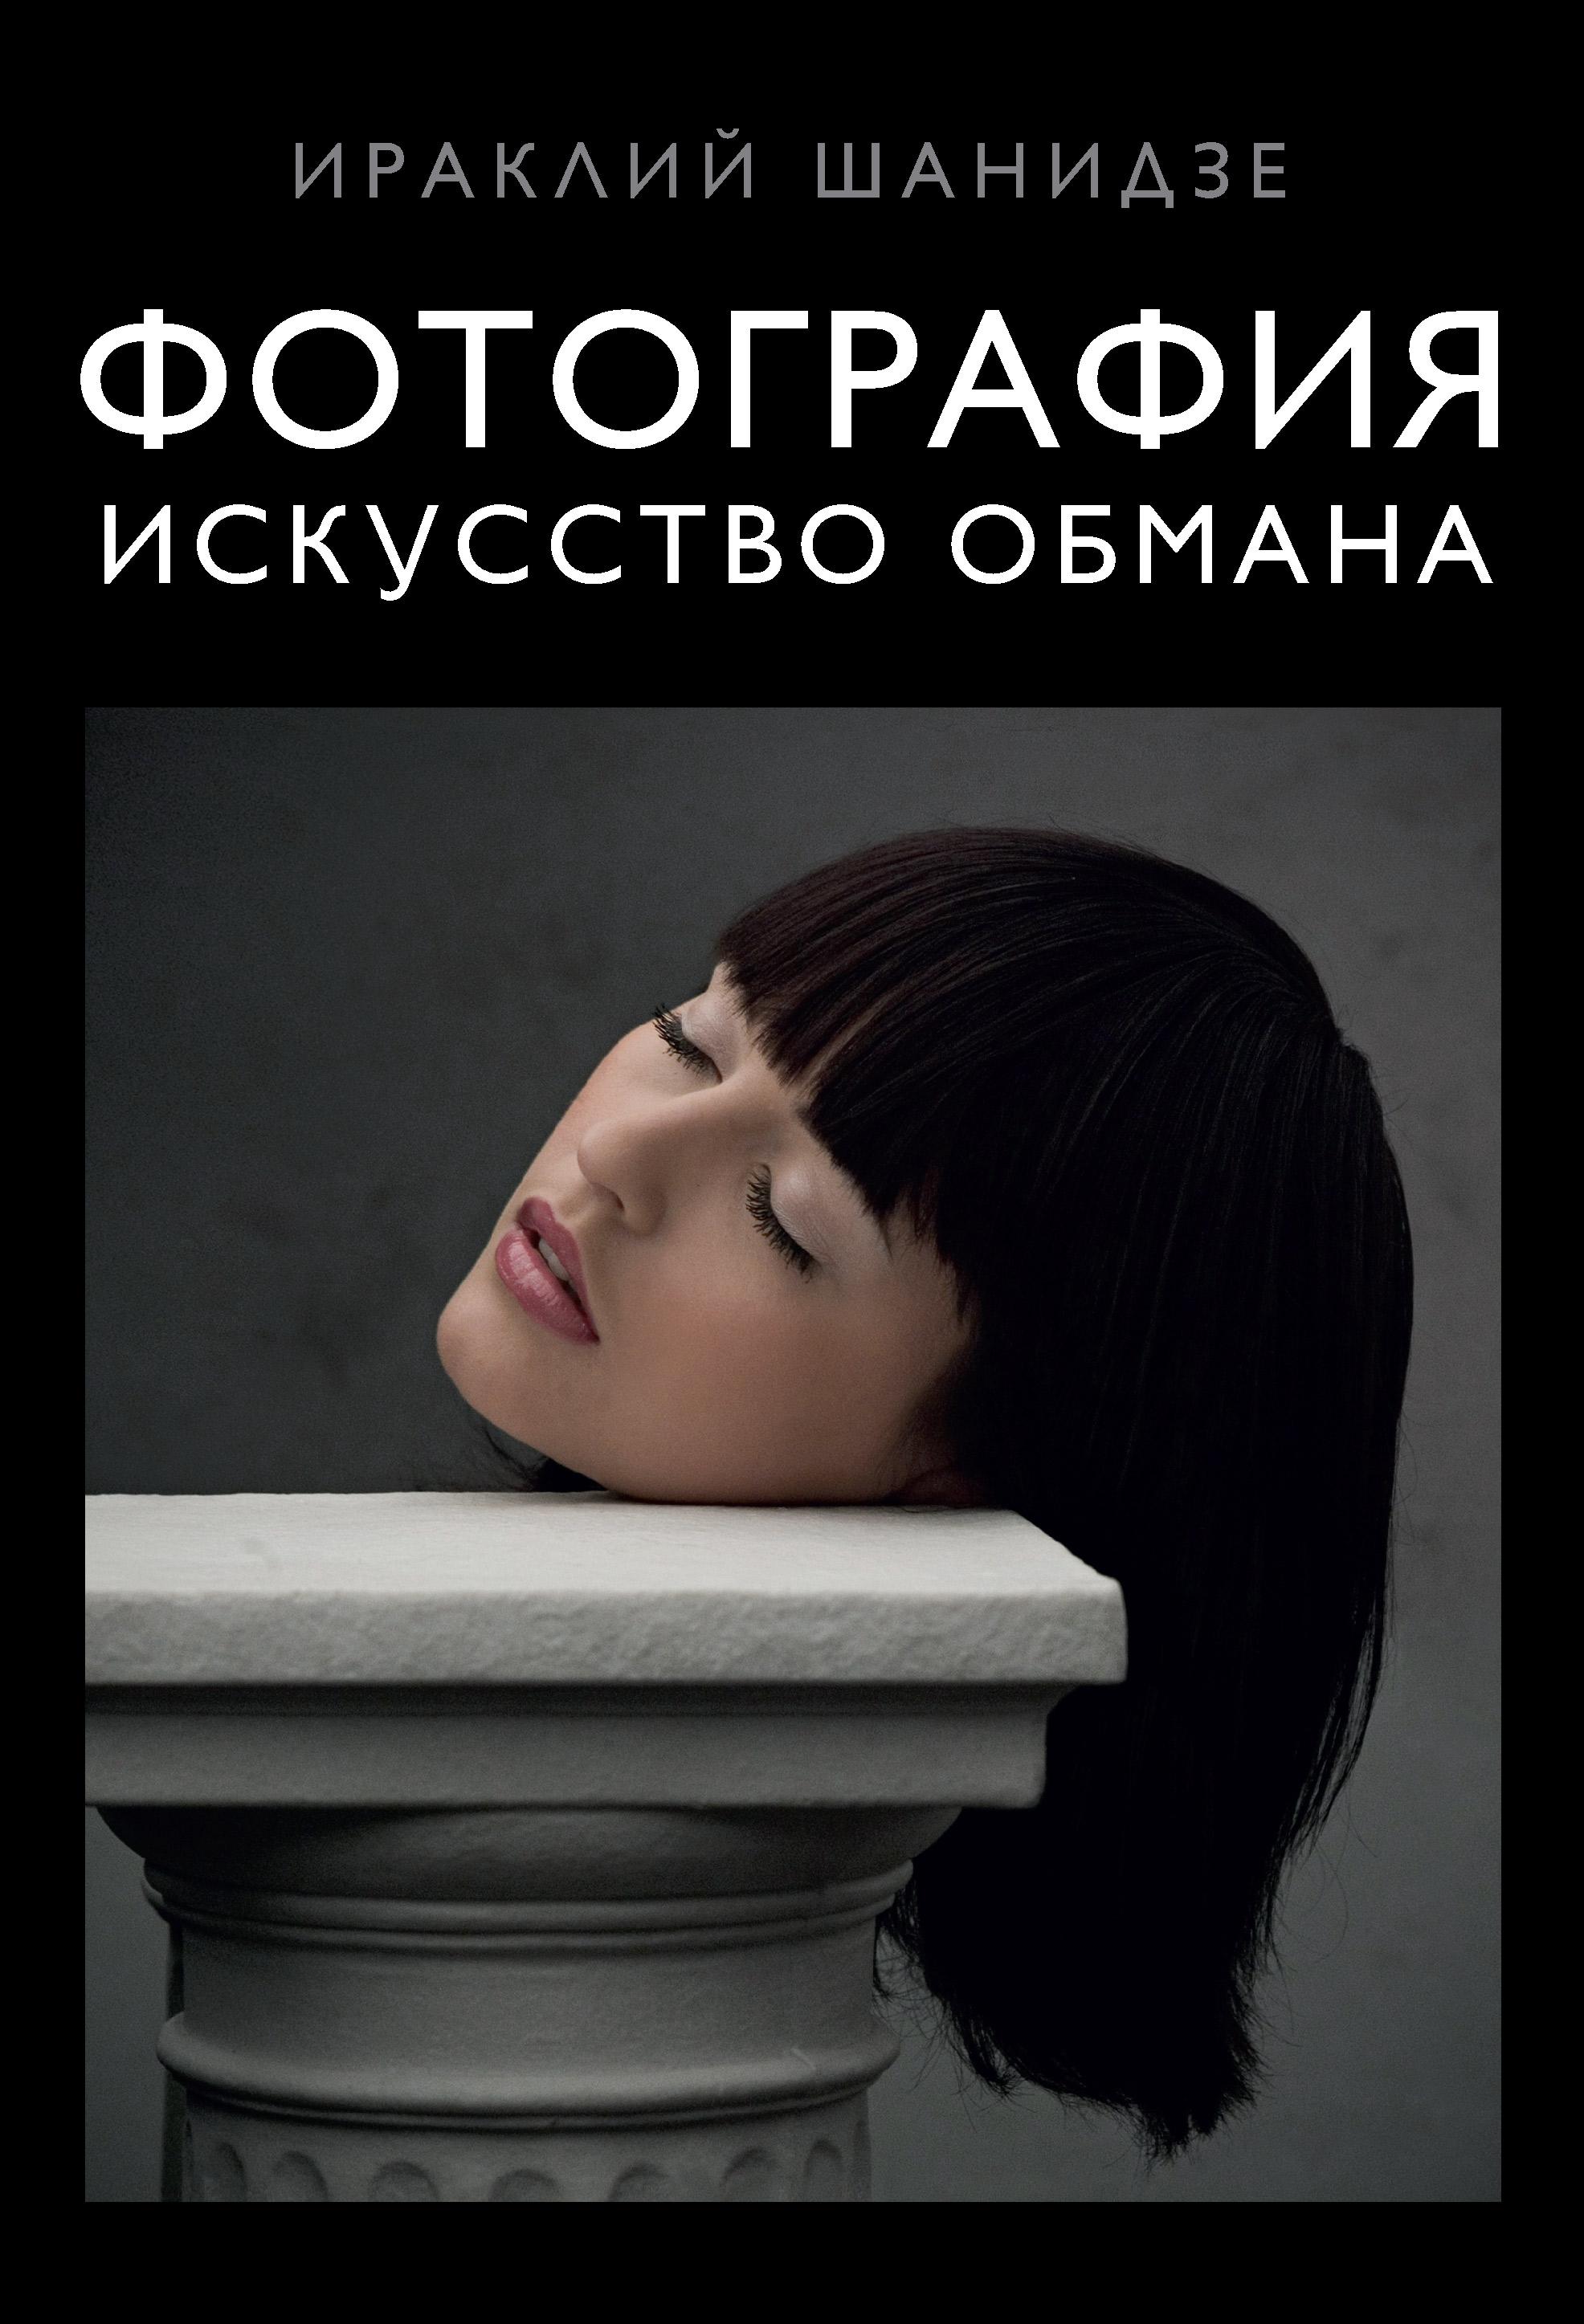 Ираклий Шанидзе «Фотография. Искусство обмана»